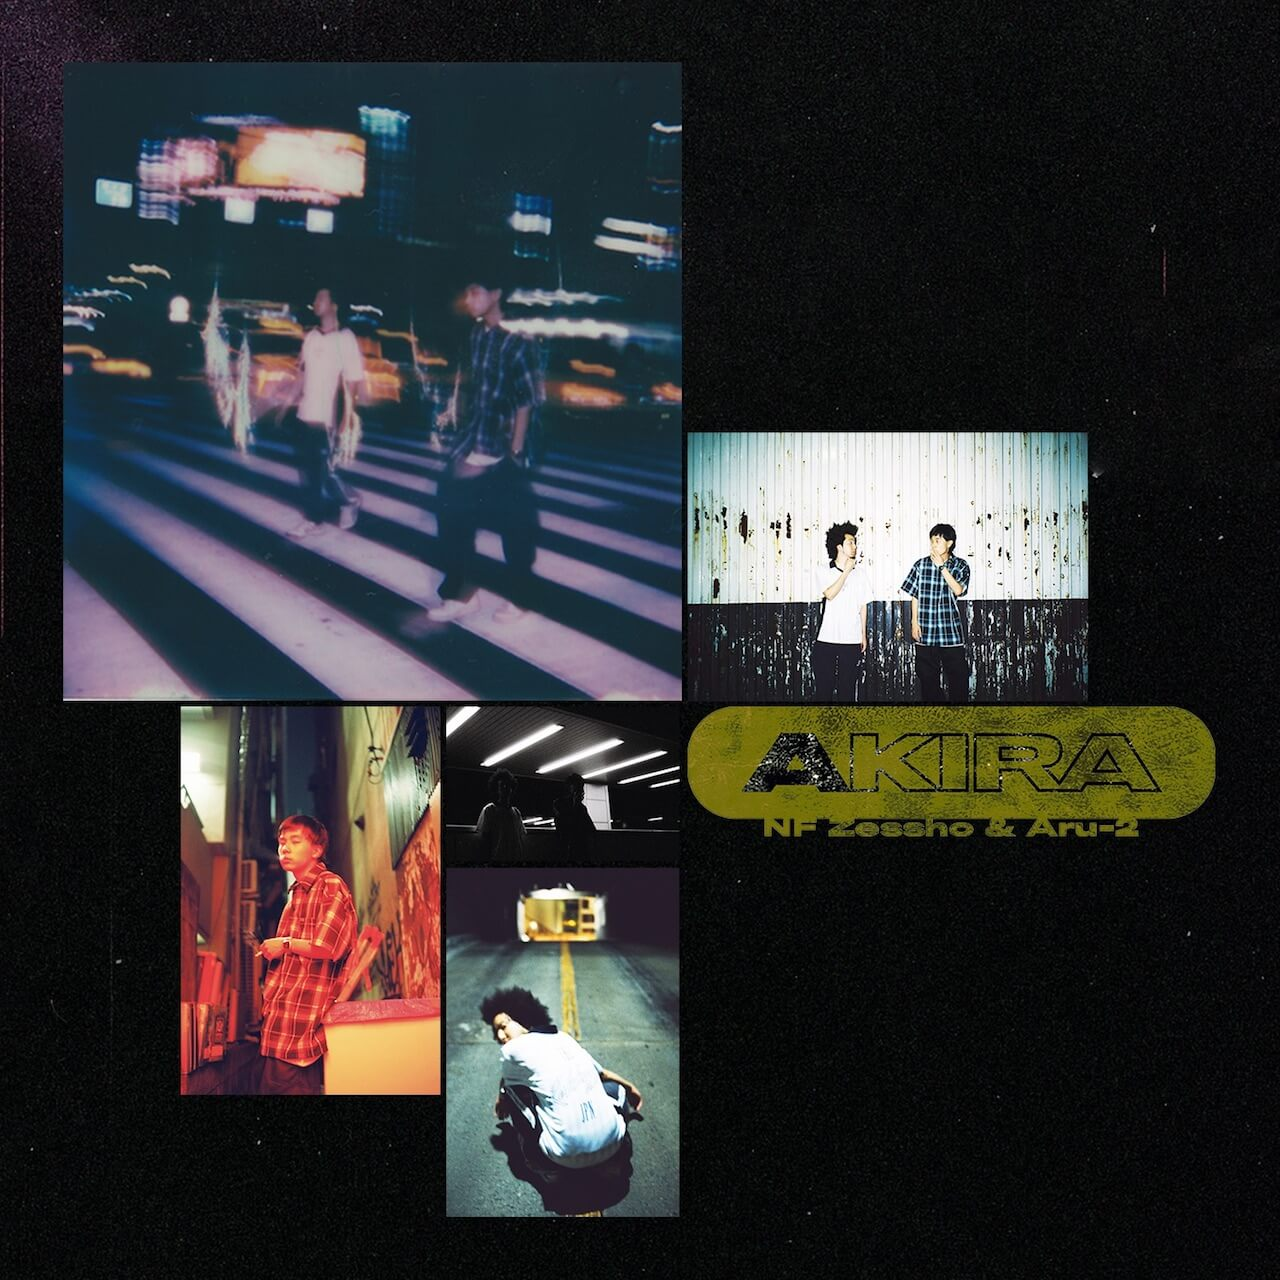 Aru-2とNF Zesshoのジョイント・アルバム『AKIRA』から「All Friends」の先行配信が本日よりスタート!Kunieda Shintaroの手掛けた同曲のティーザーも公開 music191101-nfzessho-aru2-akira-1